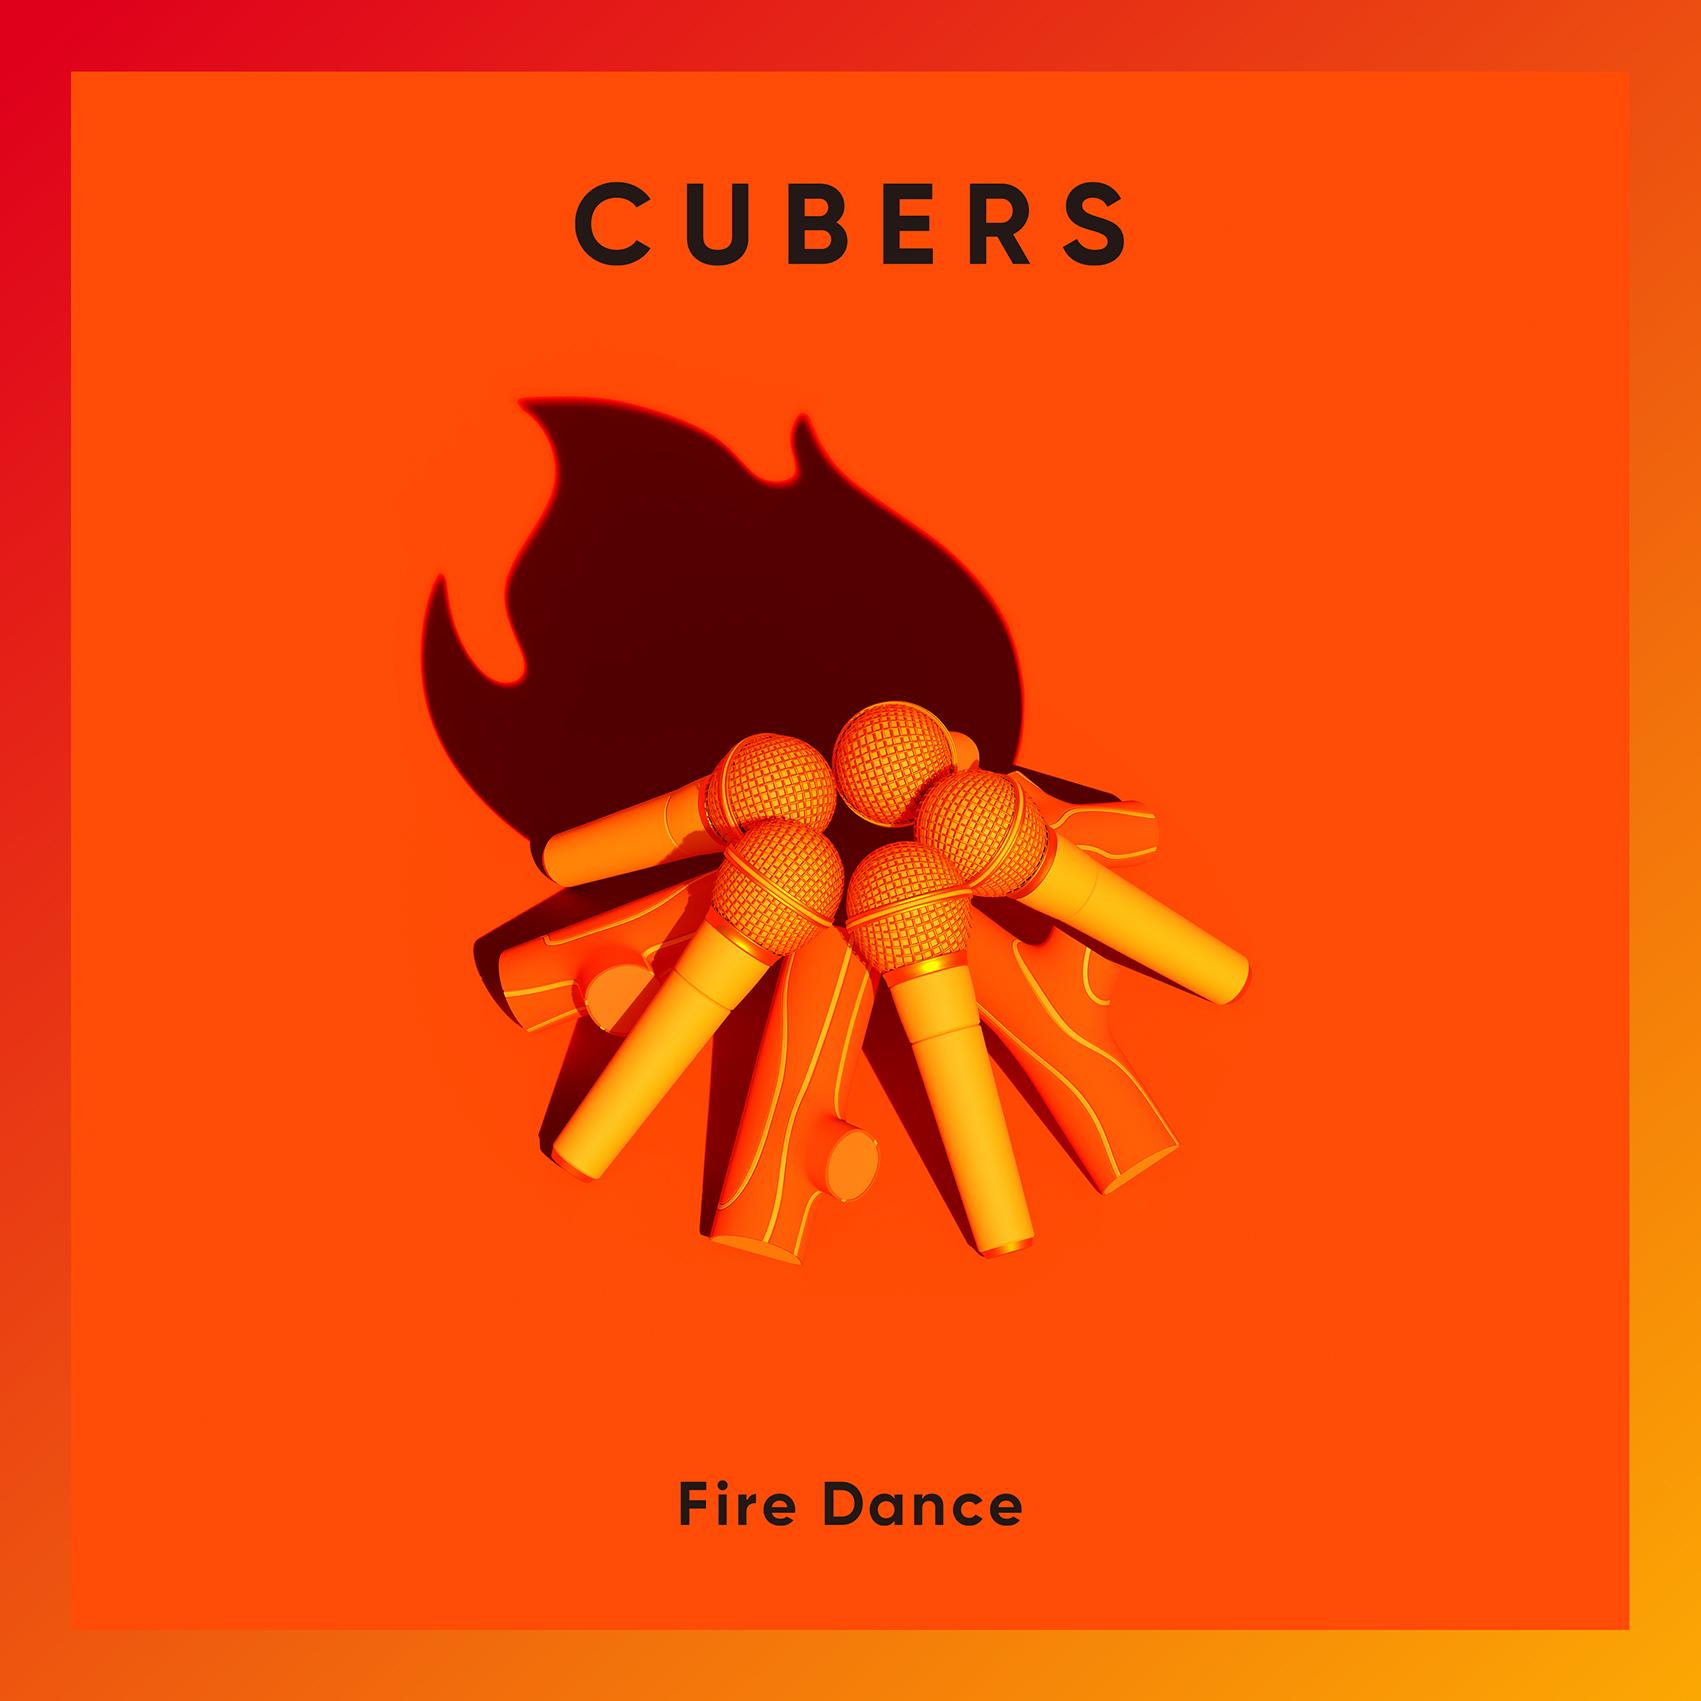 【お知らせ】「Fire Dance」付属コンテンツカードについてのお知らせ